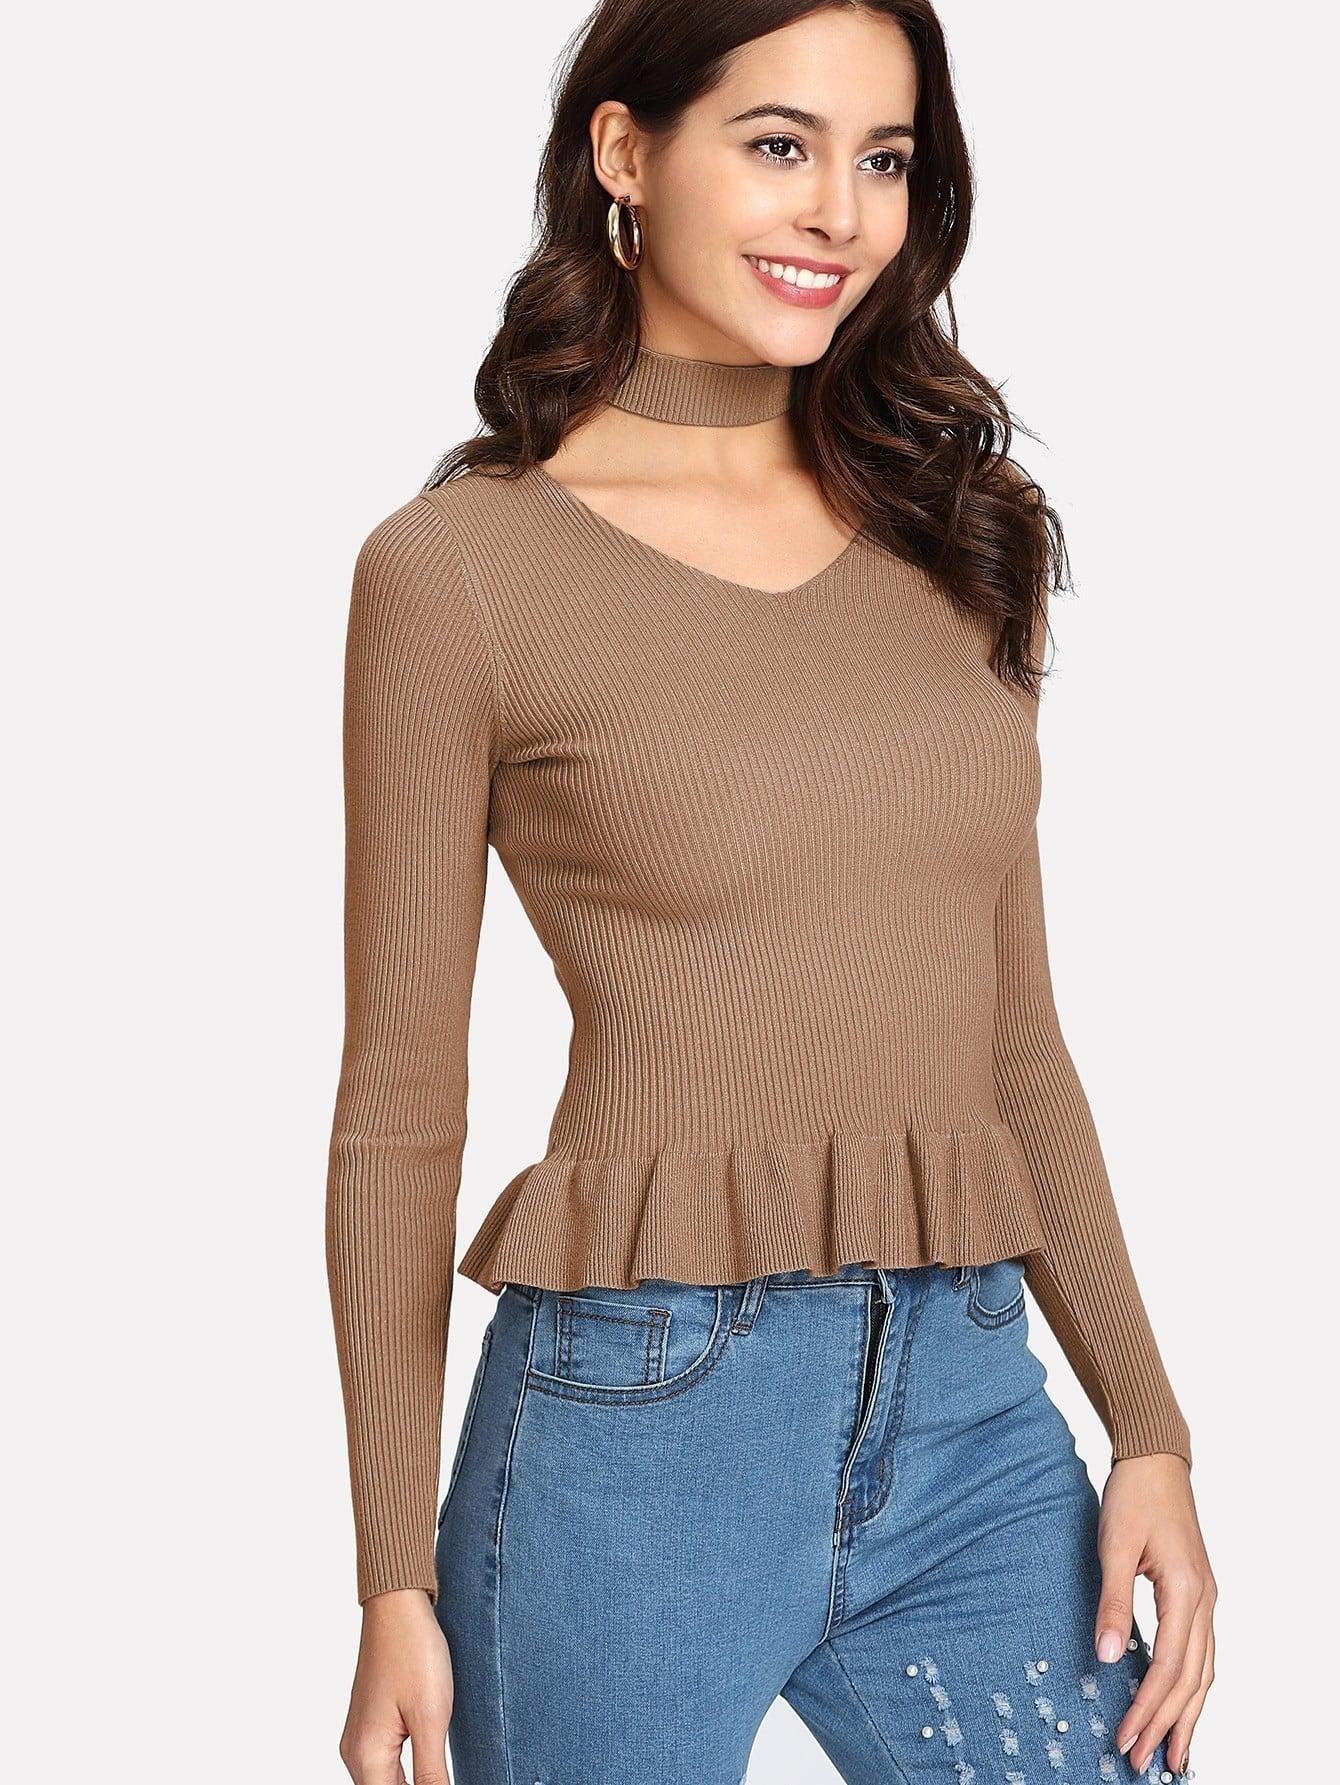 Ruffle Hem Rib Knit Sweater With Choker sweater171025403